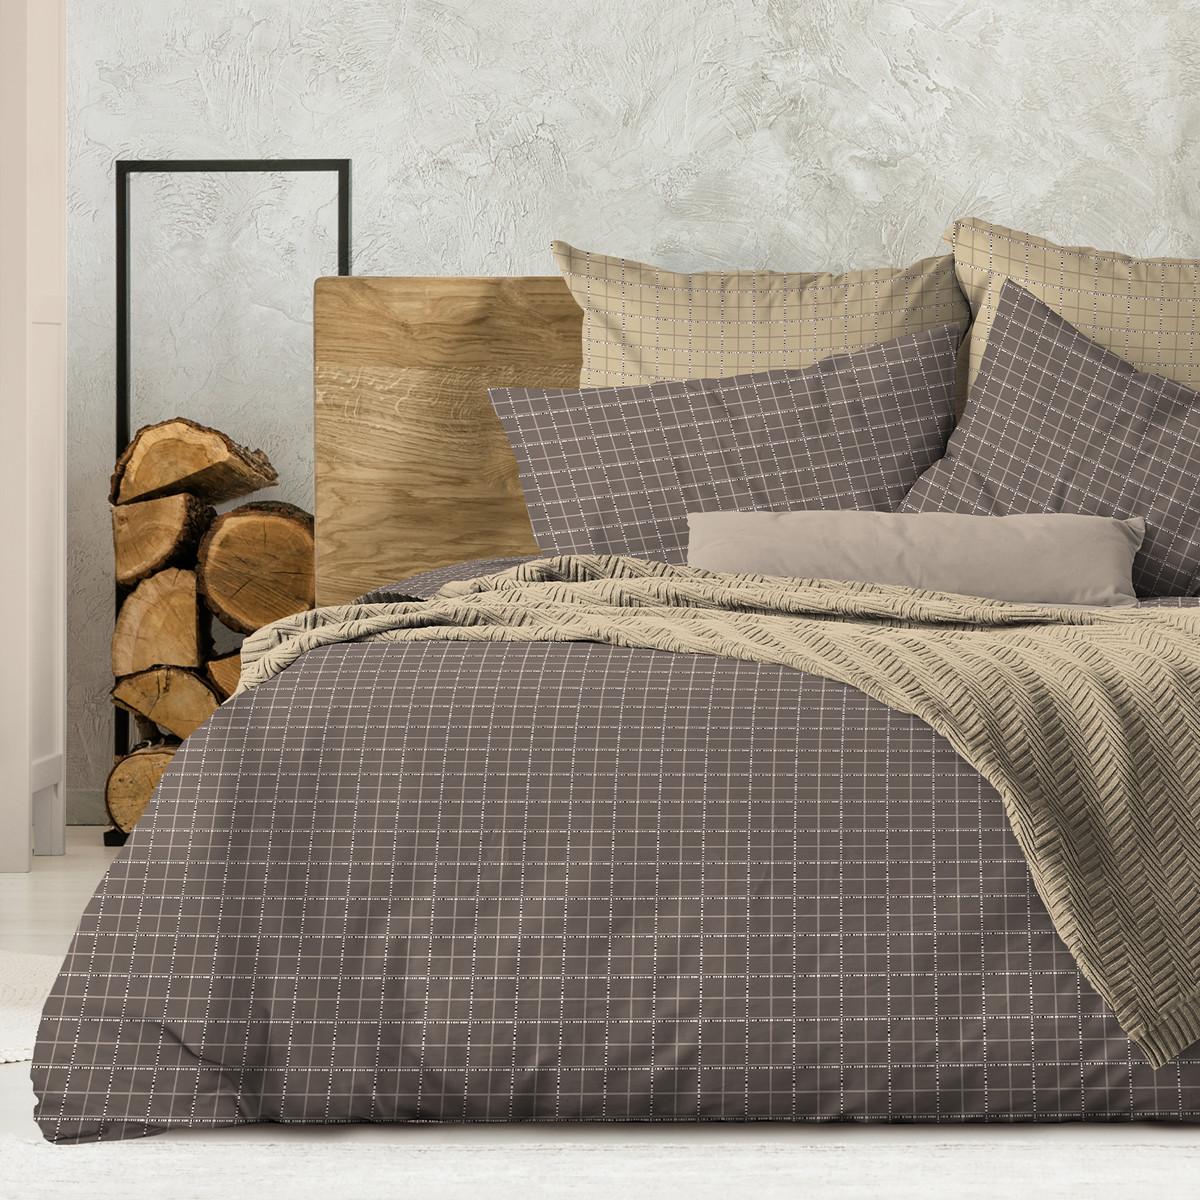 Wenge Комплект постельного белья  Bergen,  WENGE, 2 спальный евро